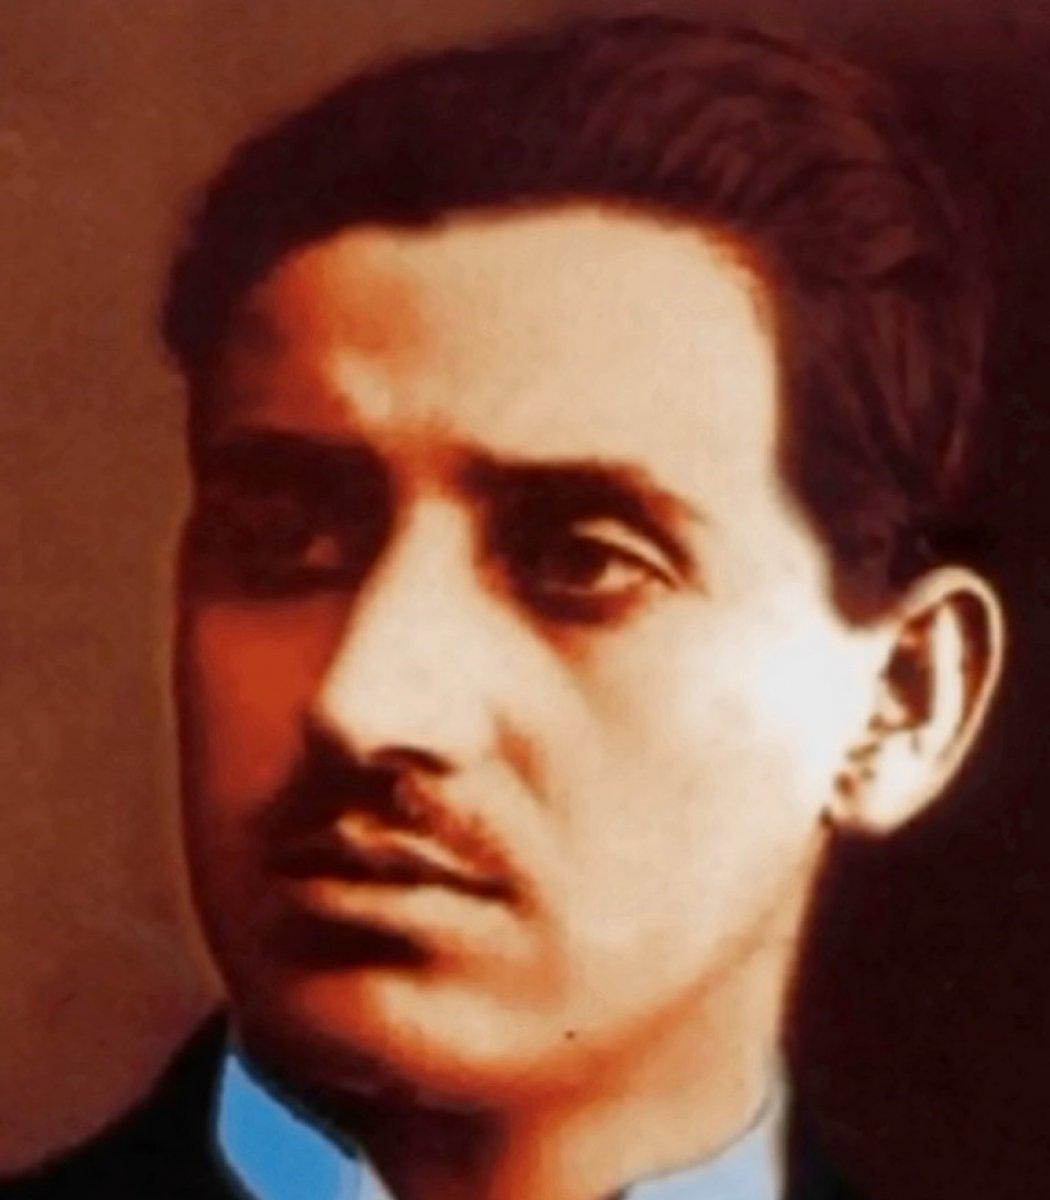 Kurtuluş Savaşı nda ilk kurşunu atan Hasan Tahsin kimdir? Kahraman Hasan Tahsin hakkında merak edilenler... #1